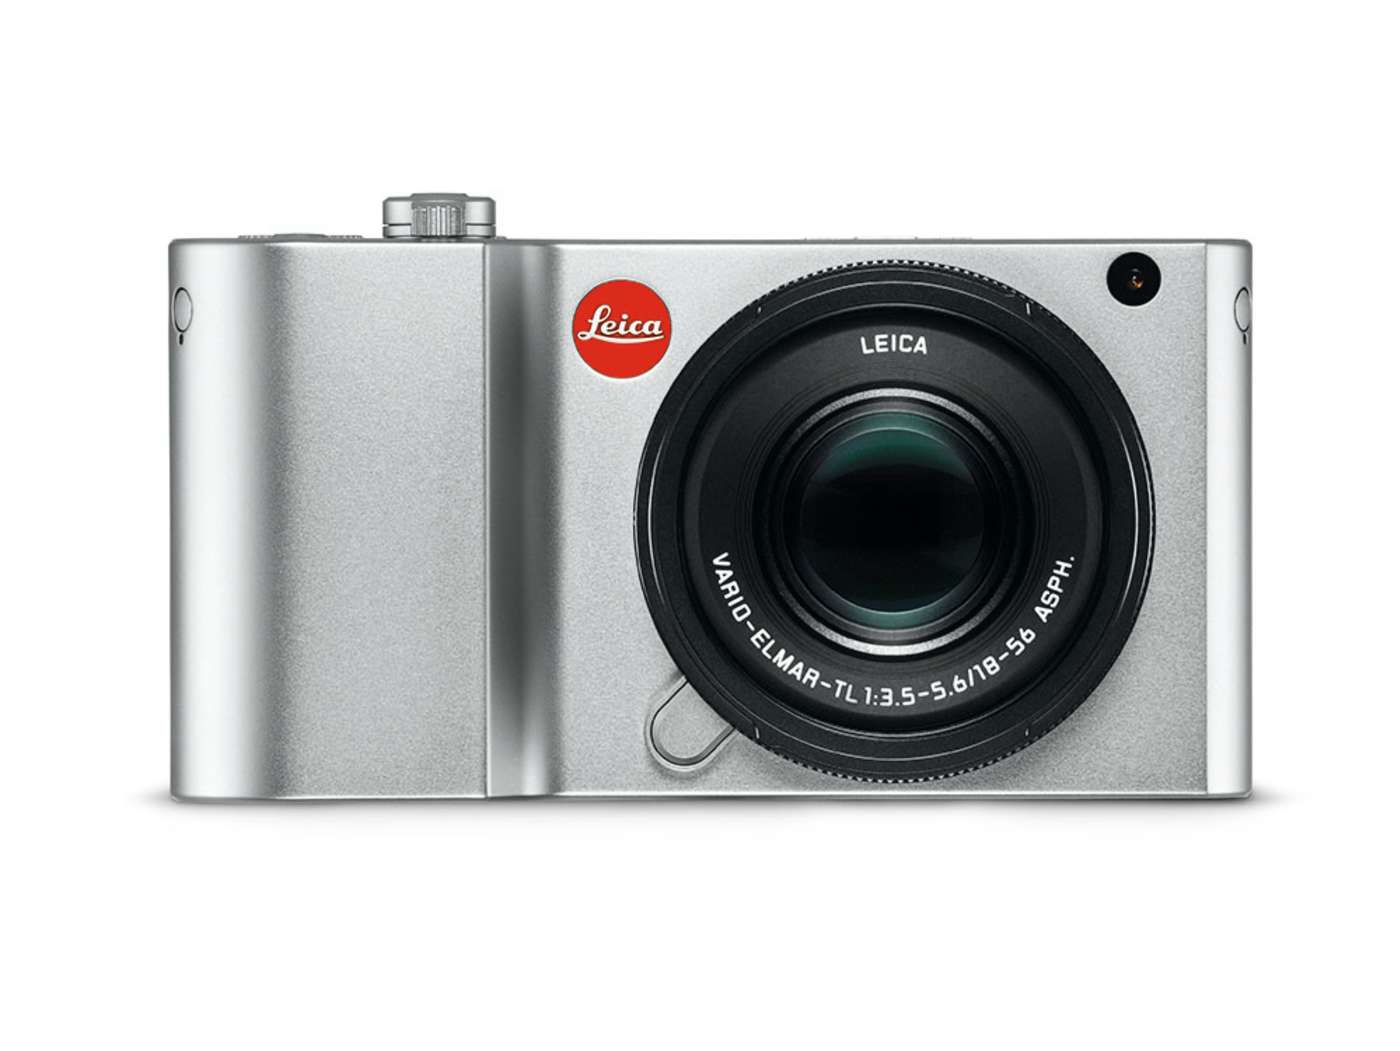 Leica TL2 с объективом 18-56mm, вид спереди